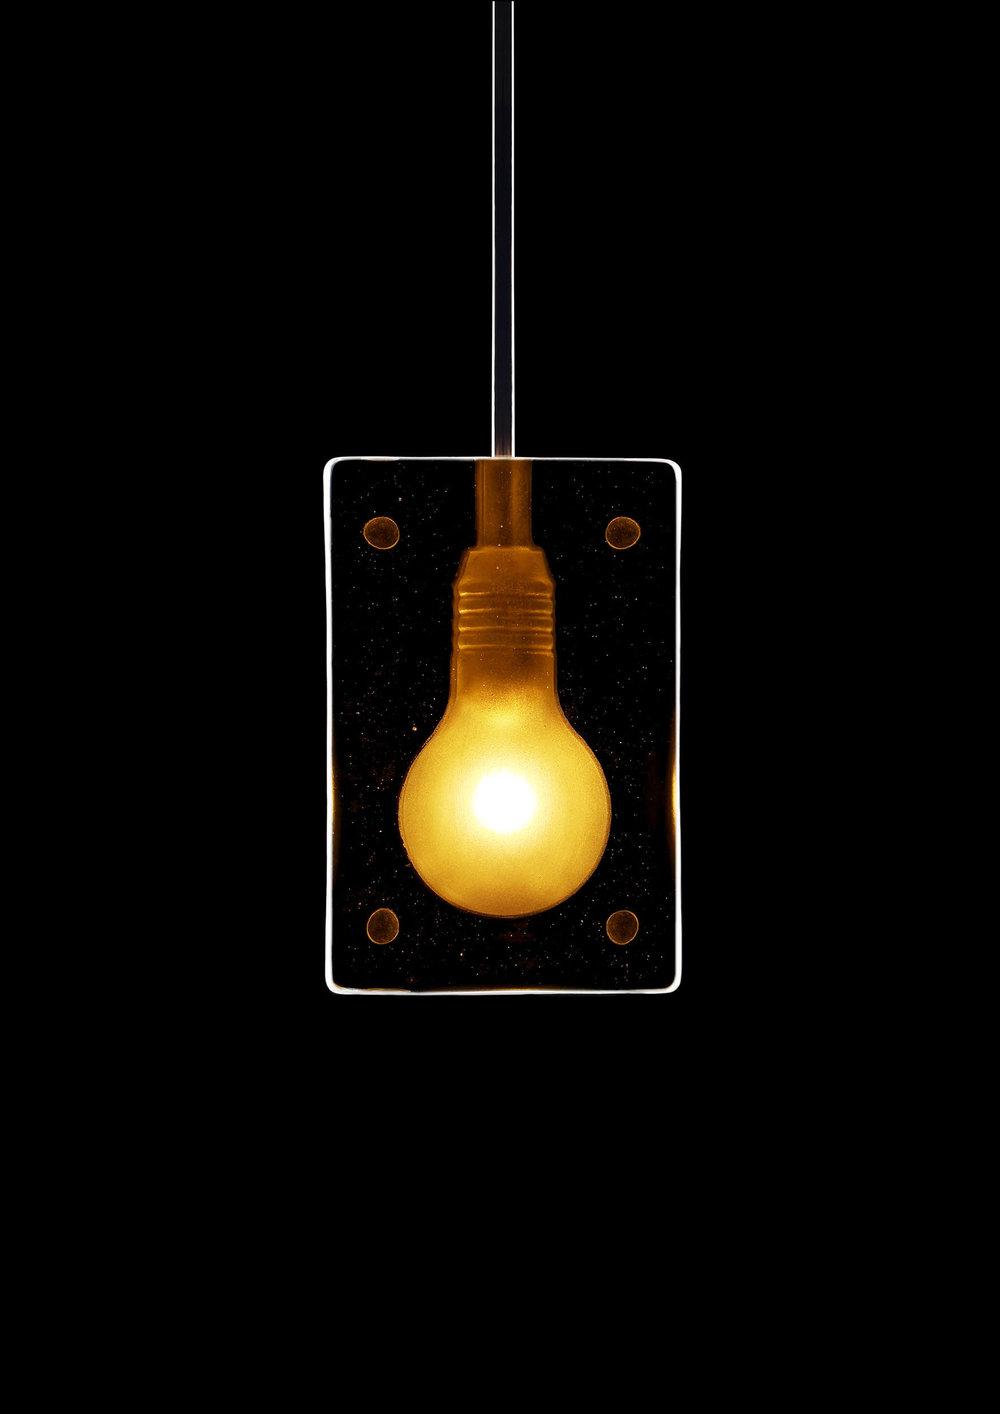 Light_fa3.jpg